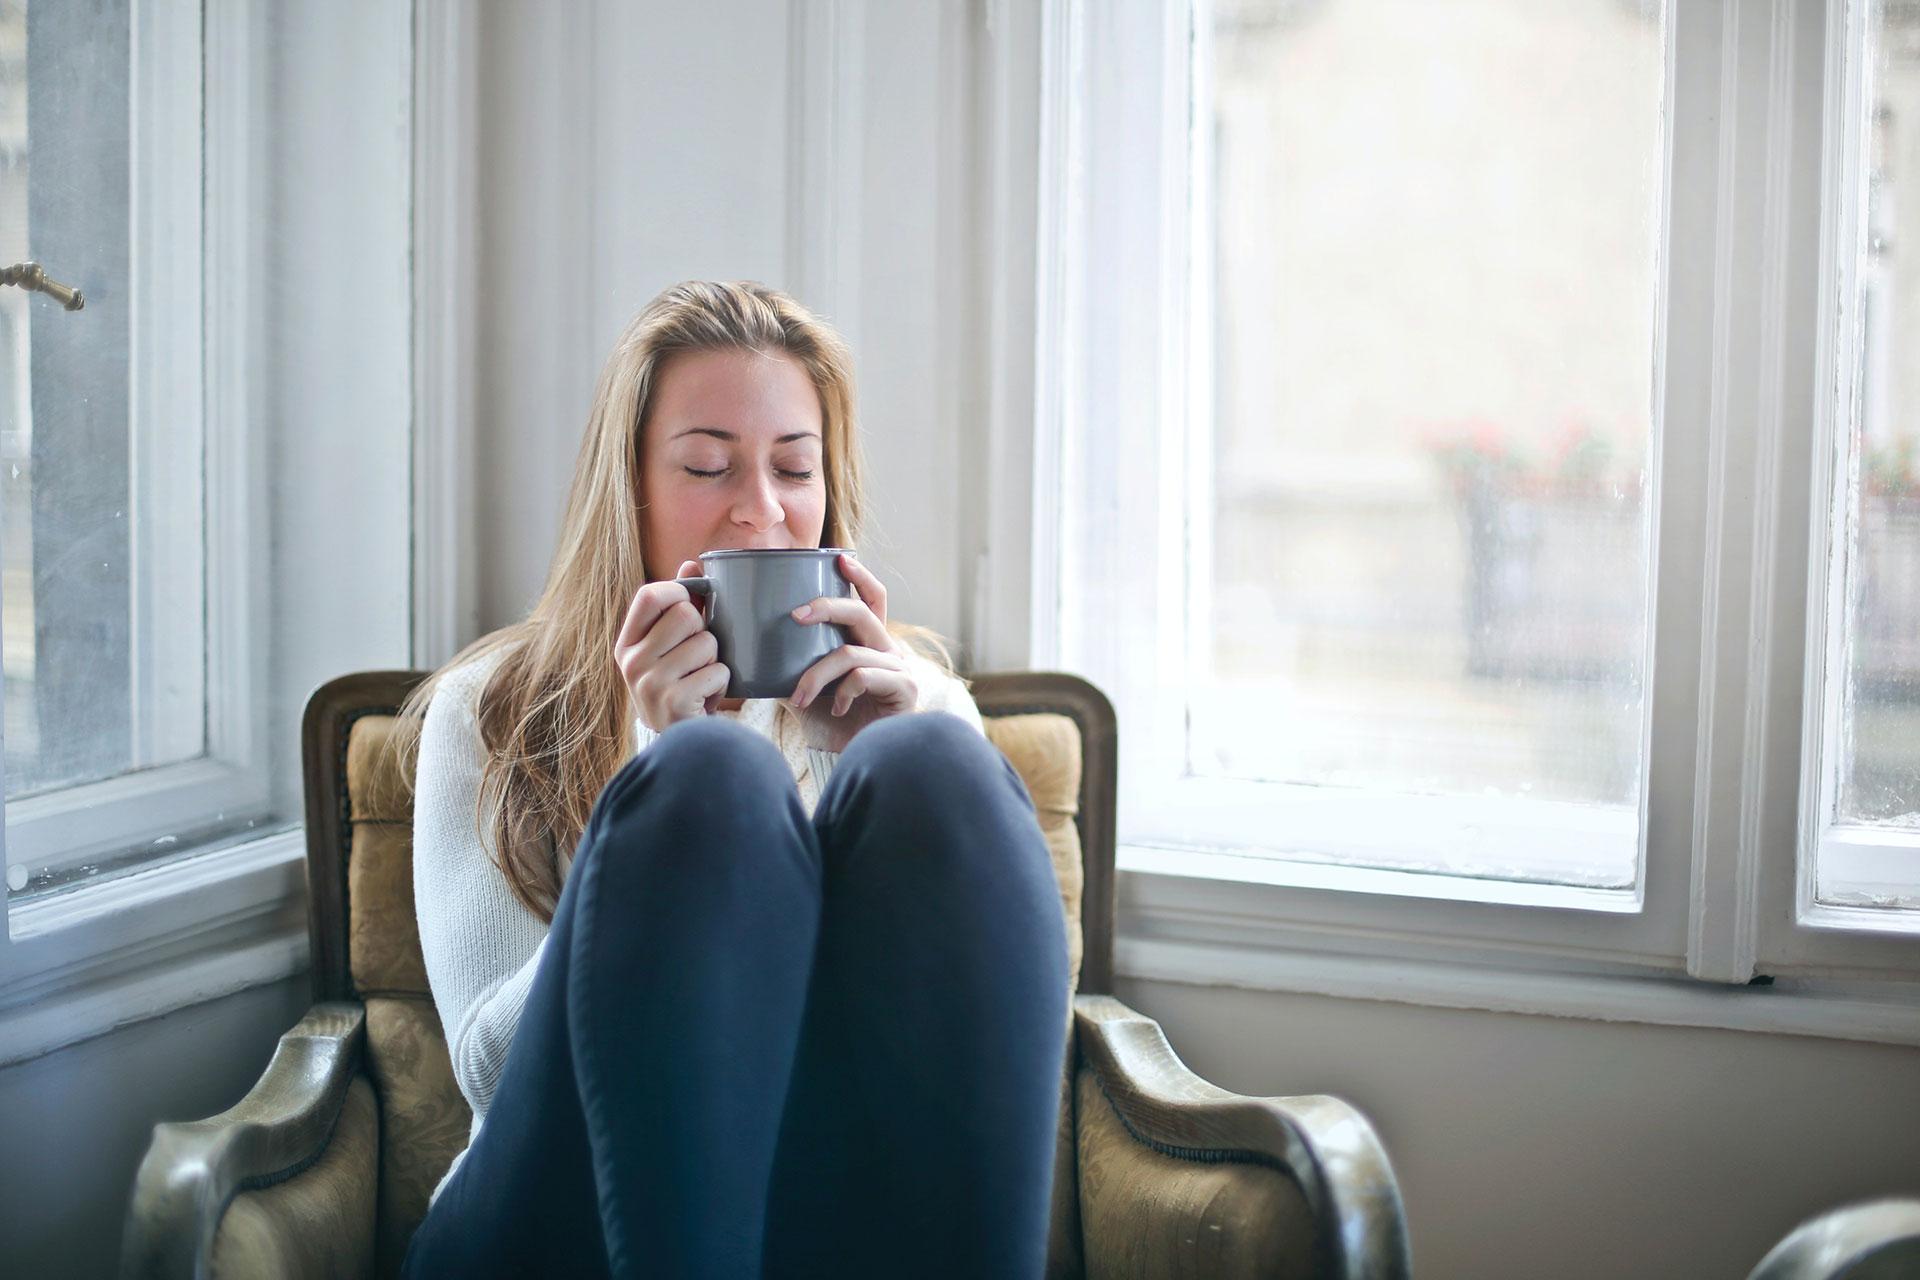 Produkte: Schallschutzelement - Ruhe und Entspannung genießen